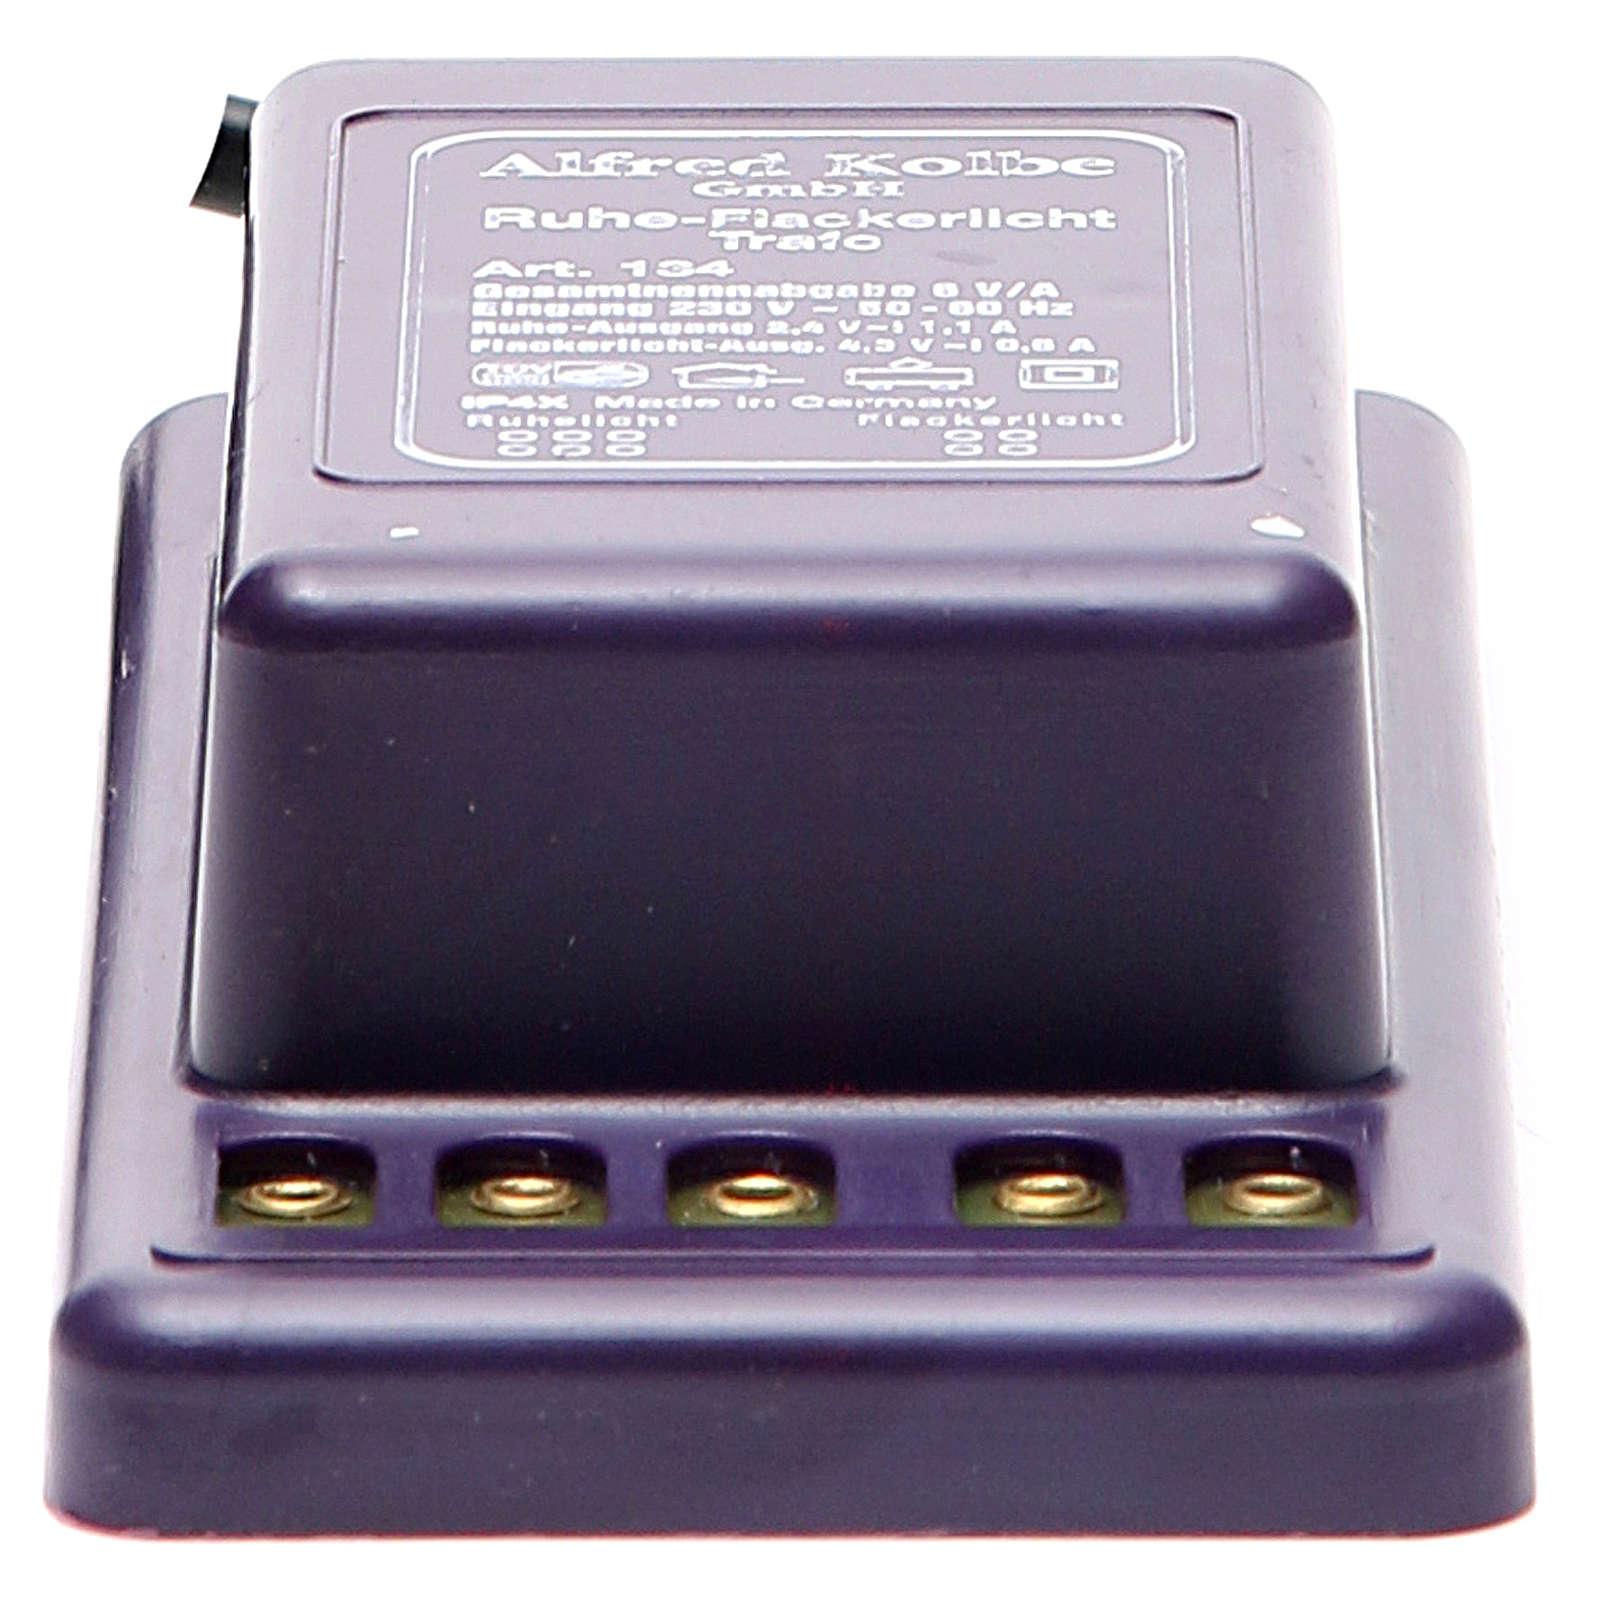 Transformer 230V - 3,5V for Nativity Scene lighting 4